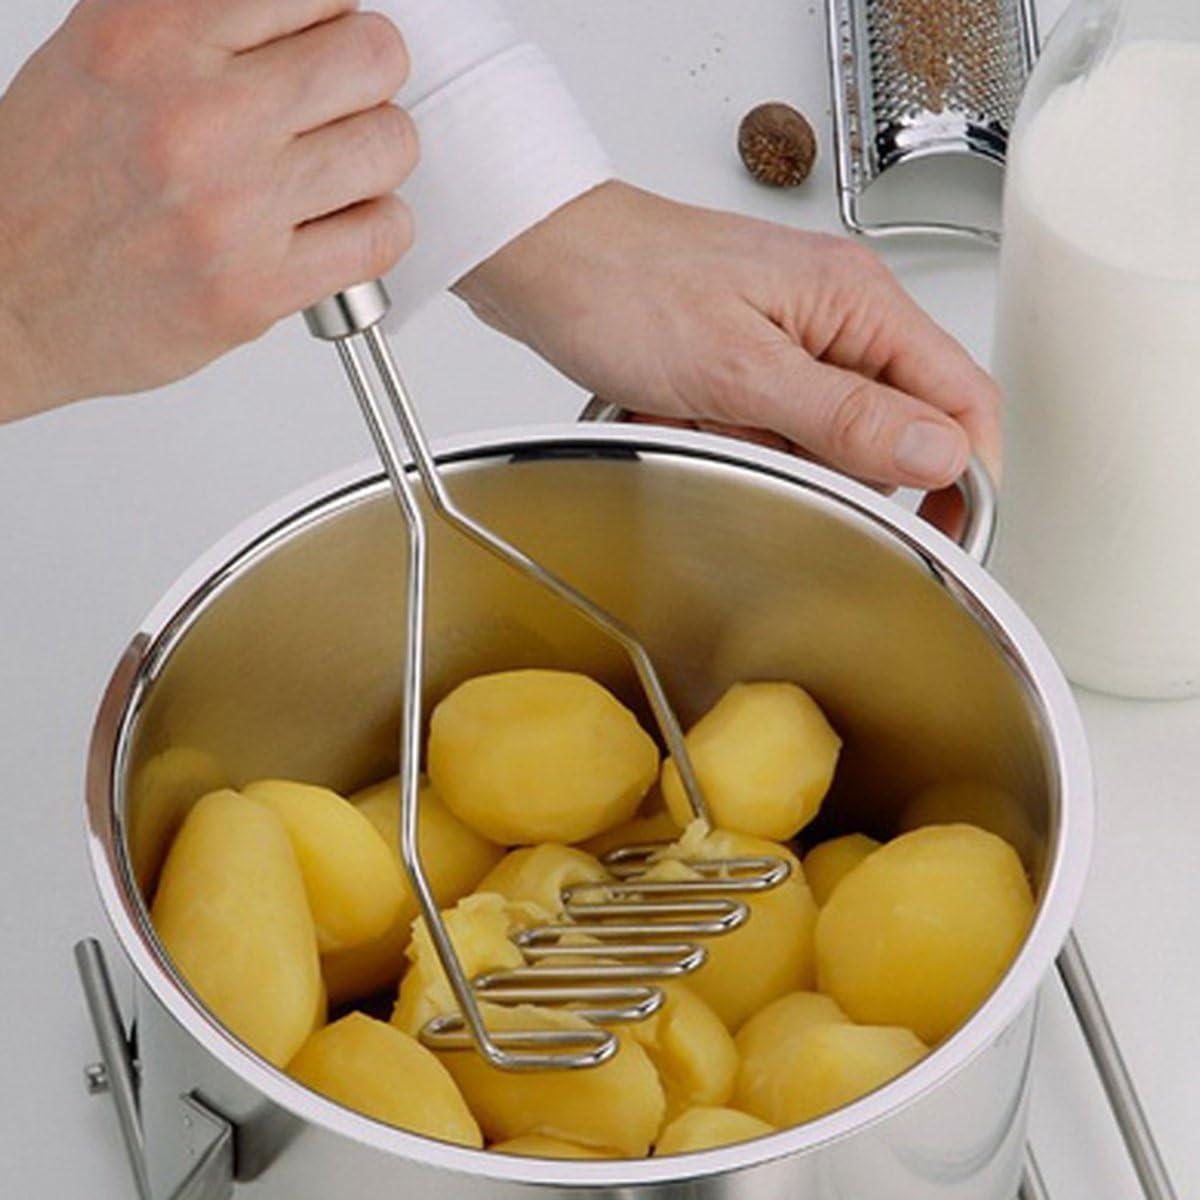 Edelstahl Kartoffelpresse gewellte Kartoffel Schlamm Maker Stampfer Gem/üse Obst Brecher tragbare K/üchenhelfer Werkzeug-Alan Graham ScottVF